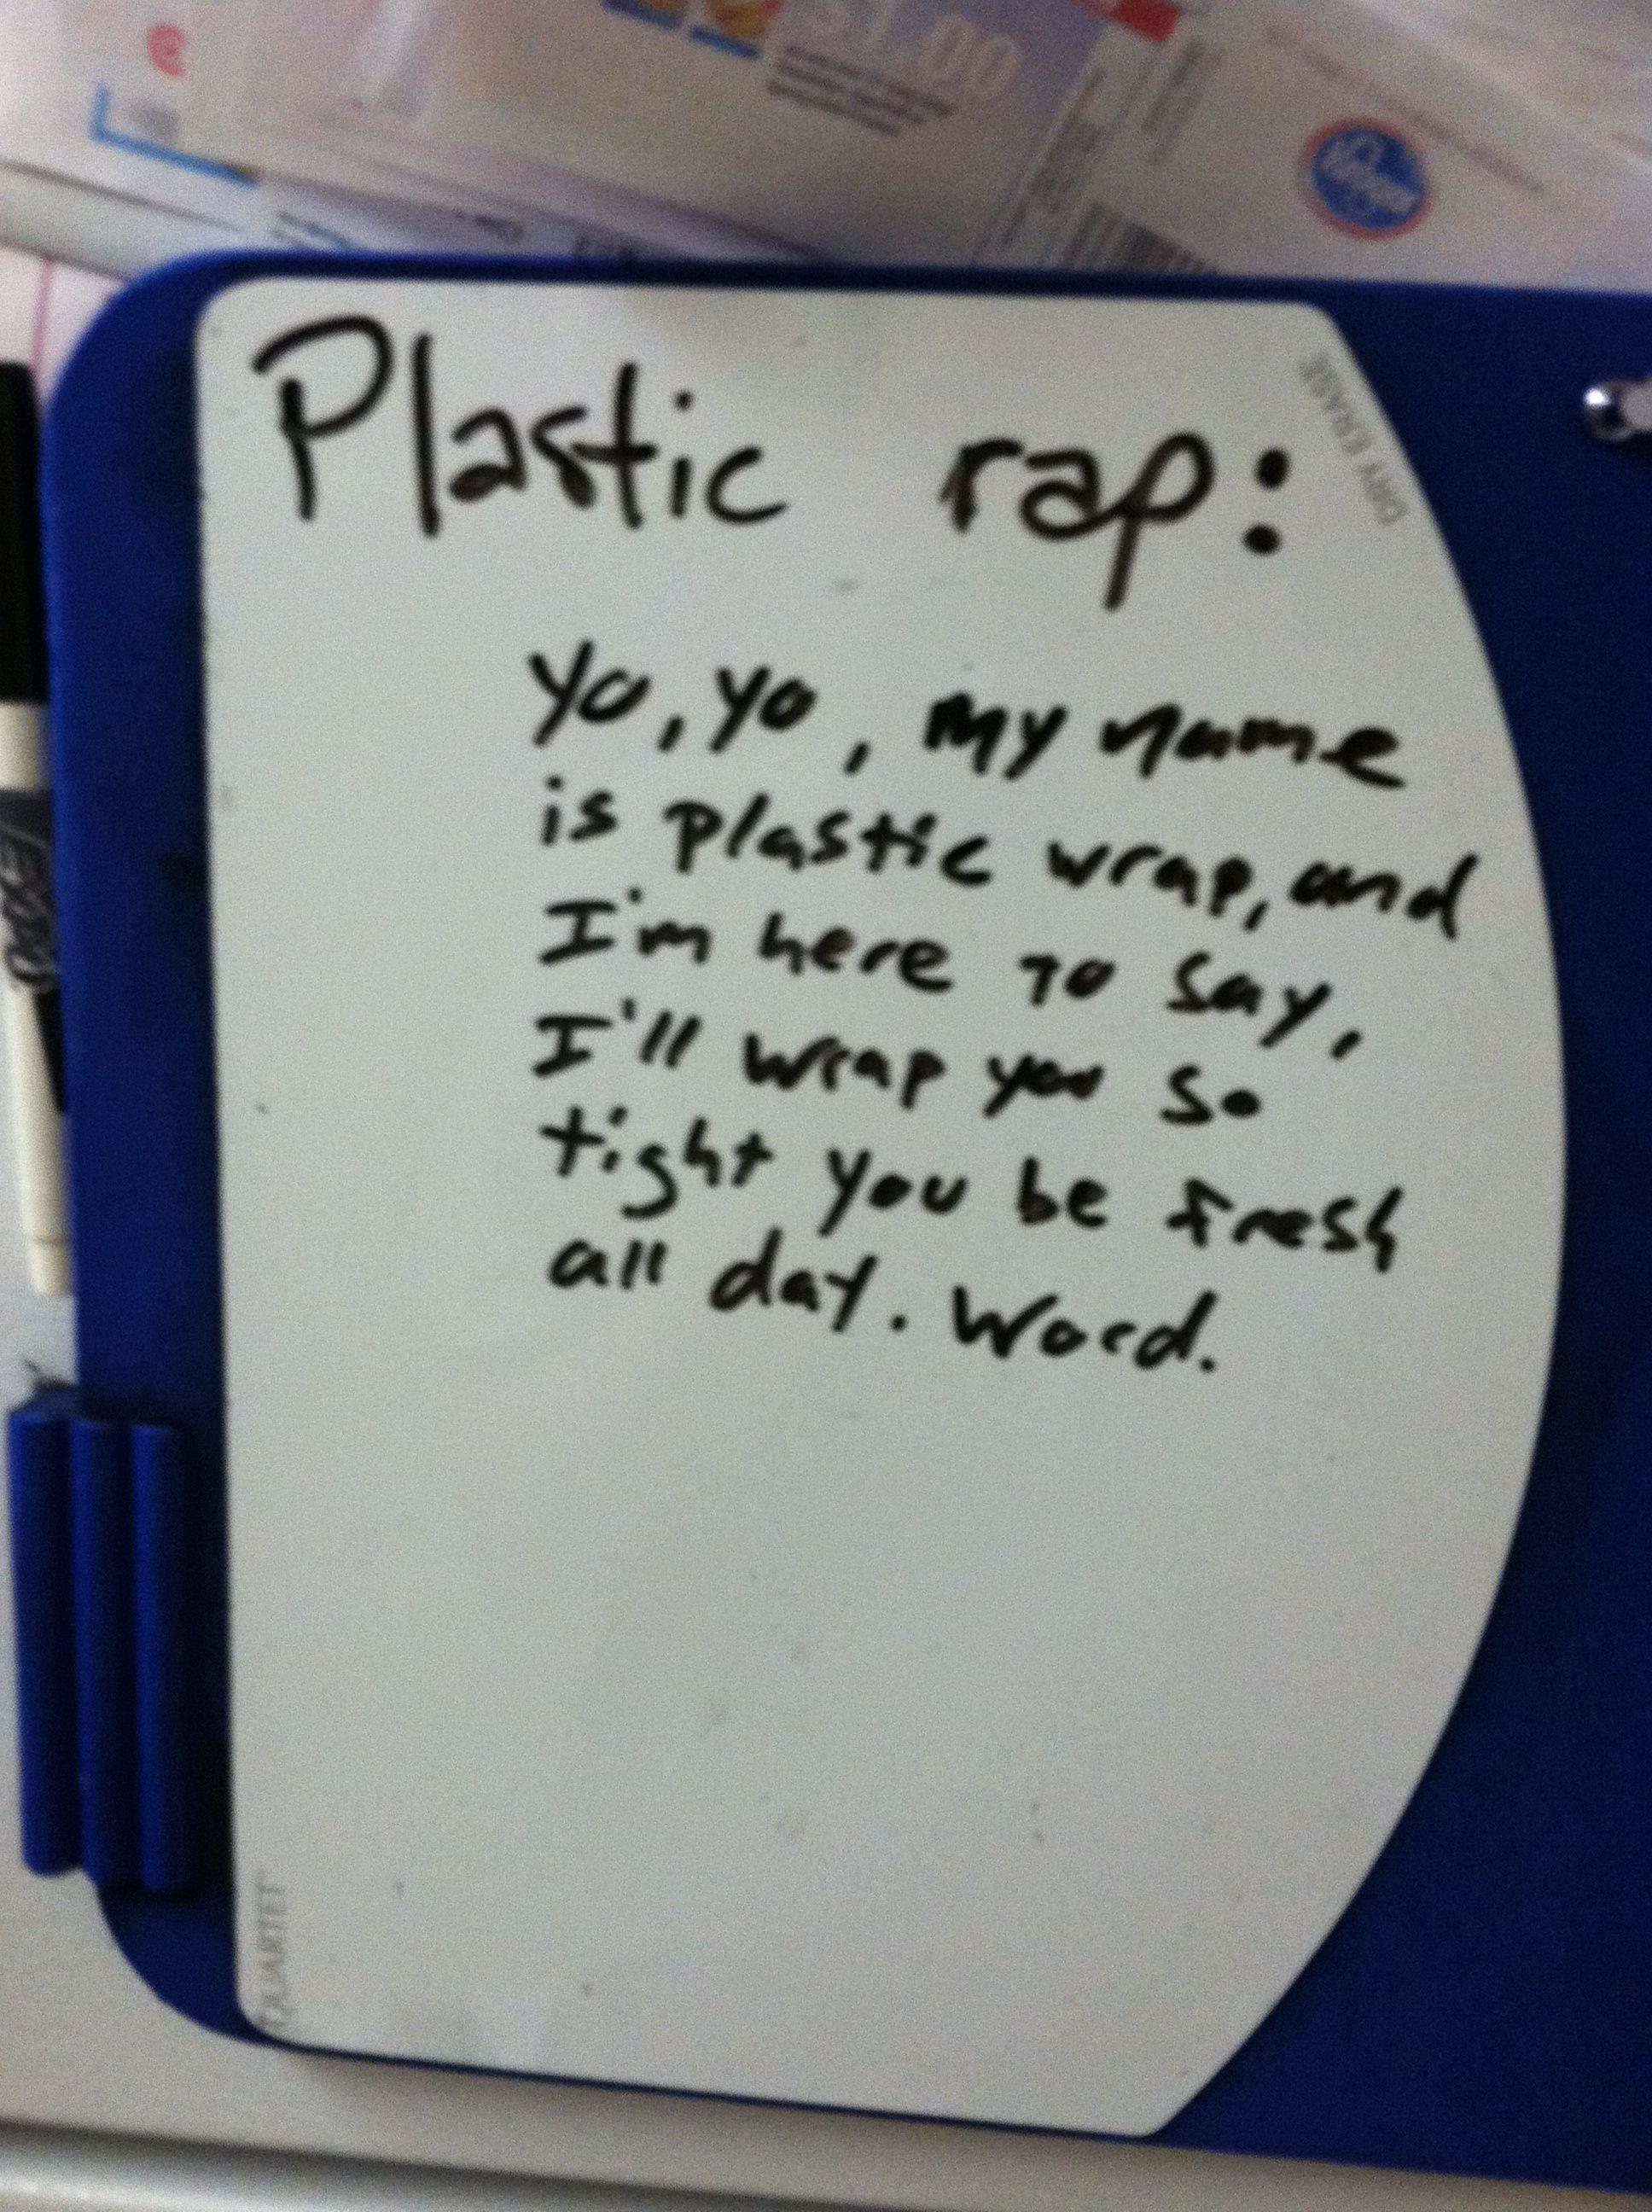 Plastic rap | Words, Rap, Puns